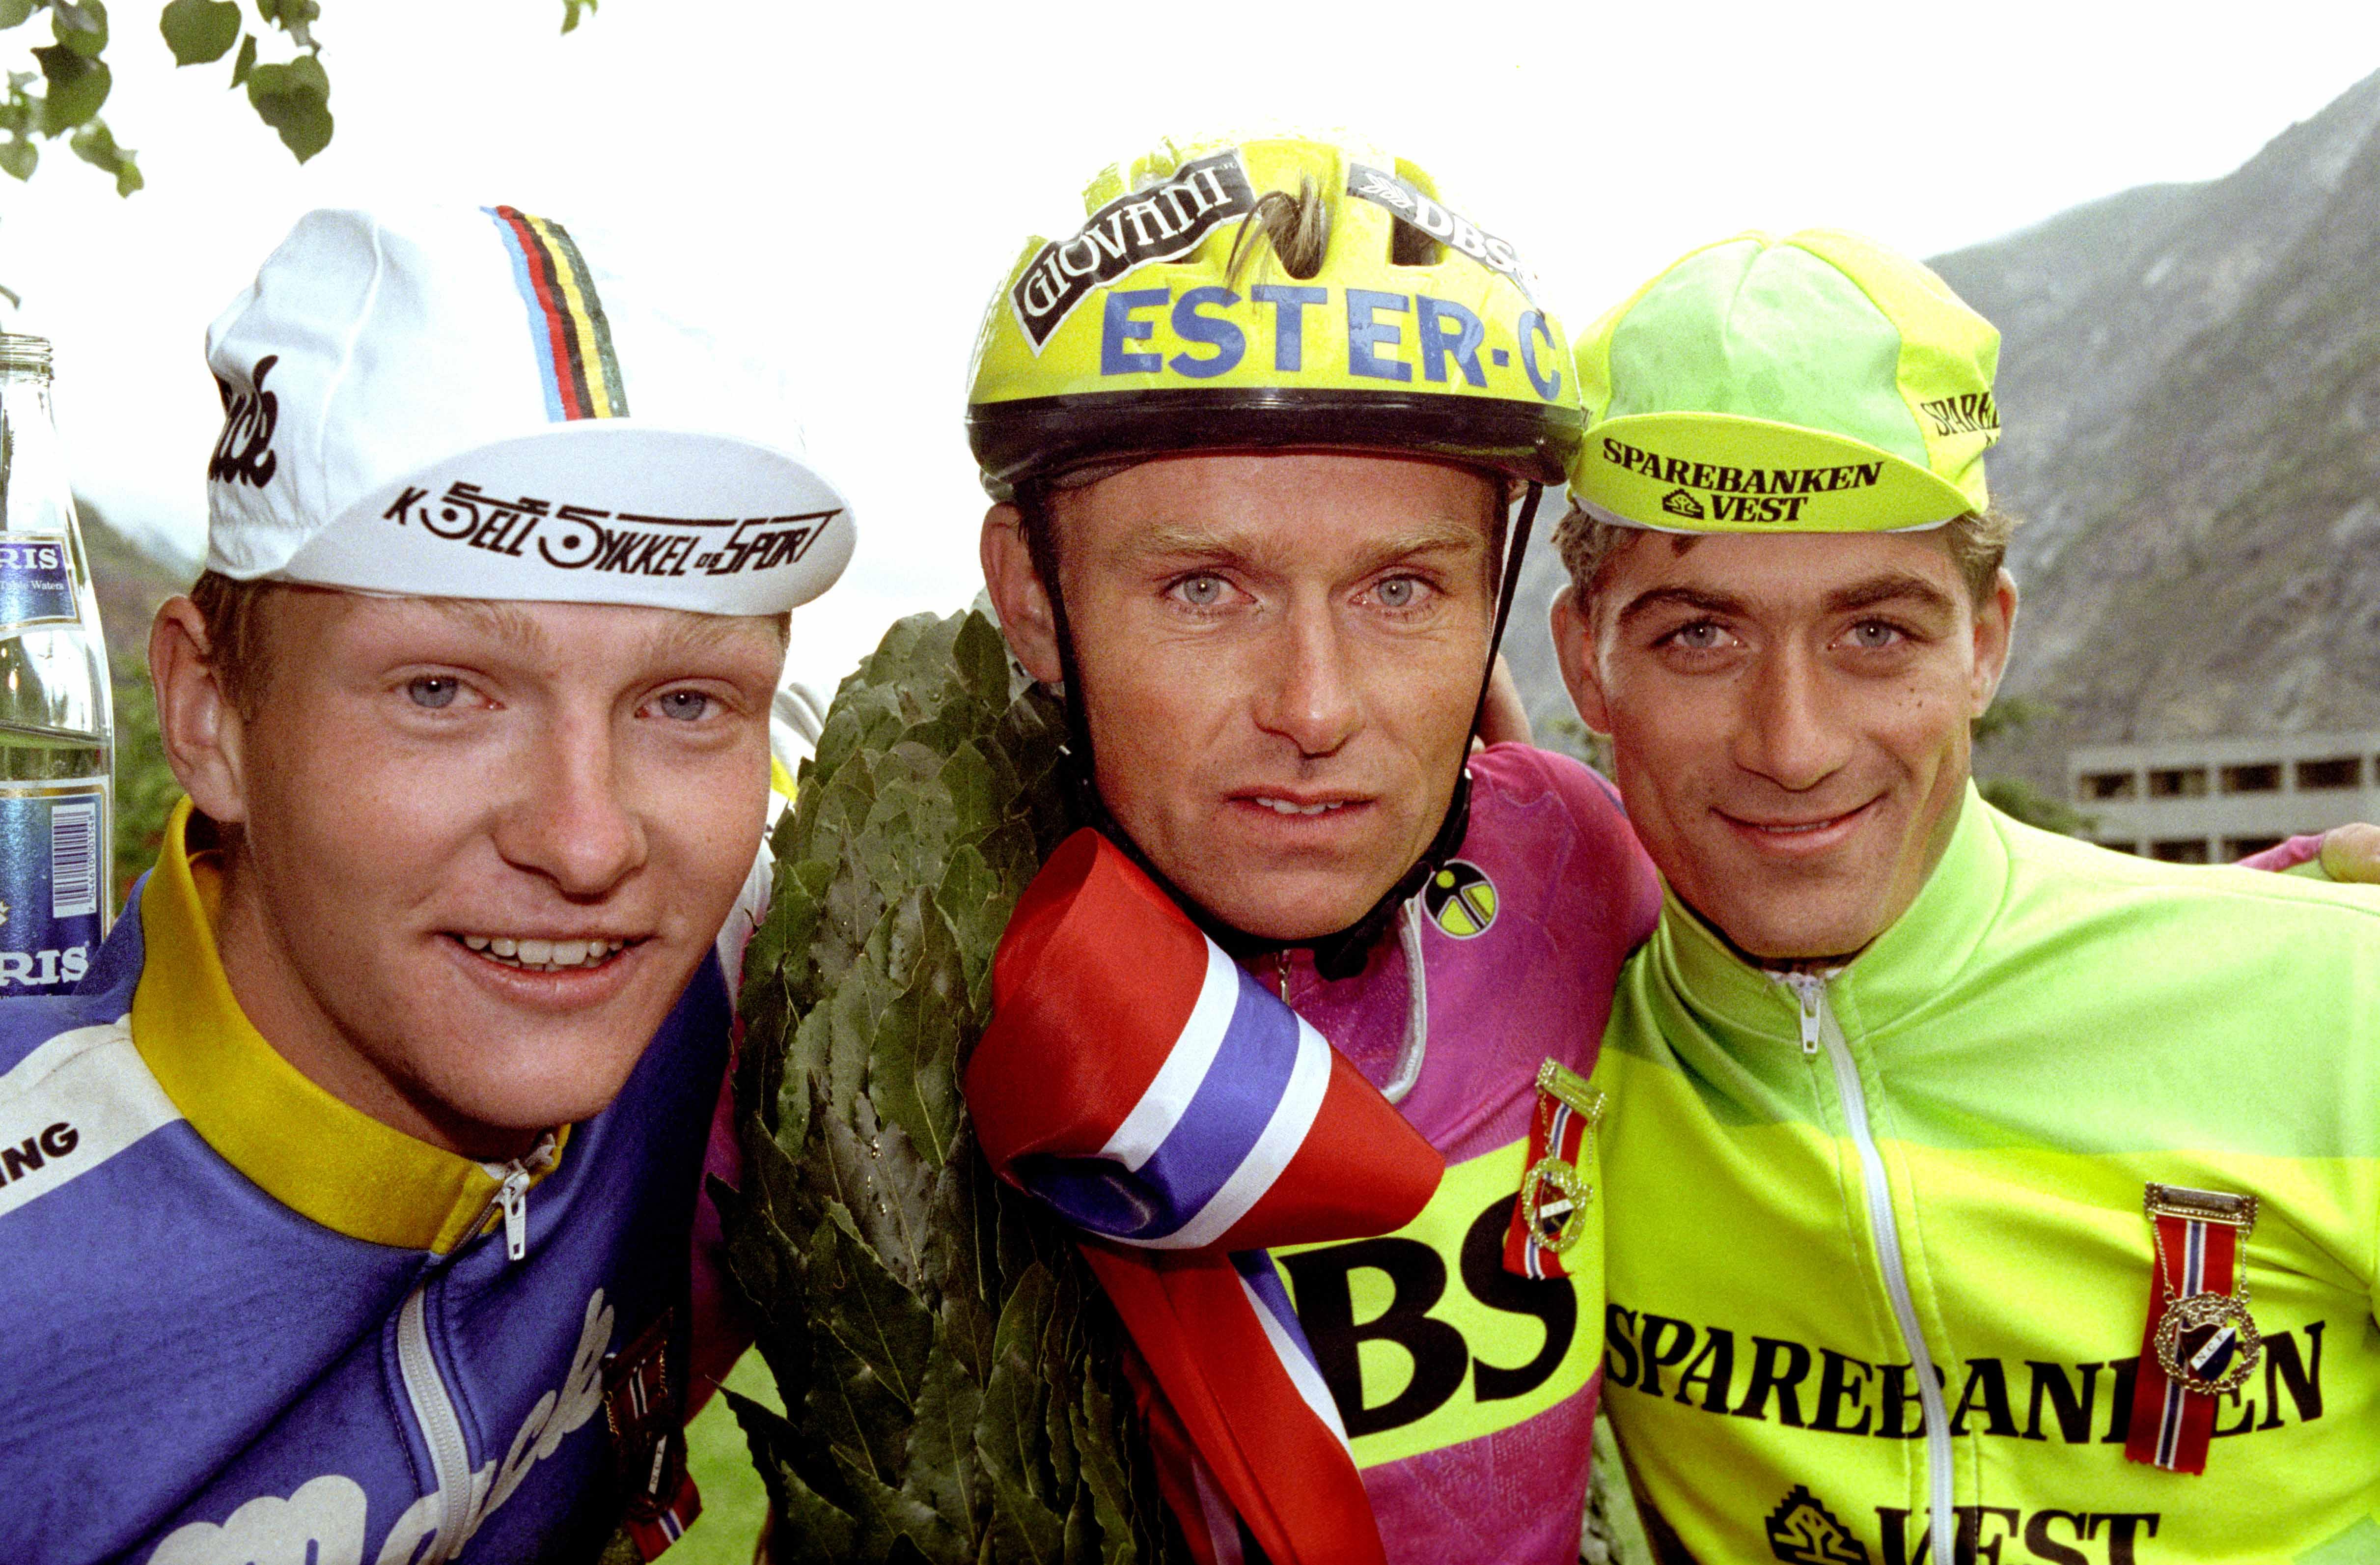 L∆RDAL 19920627: Syklisten Dag Erik Pedersen med laubÊrkransen han vant pÂ180 km fellesstart flankert av Ole Sigurd Simensen (t.v.) og Bj¯rn Stenersen under Sykkel-NM i LÊrdal. Foto: Jon Eeg NTB / SCANPIX